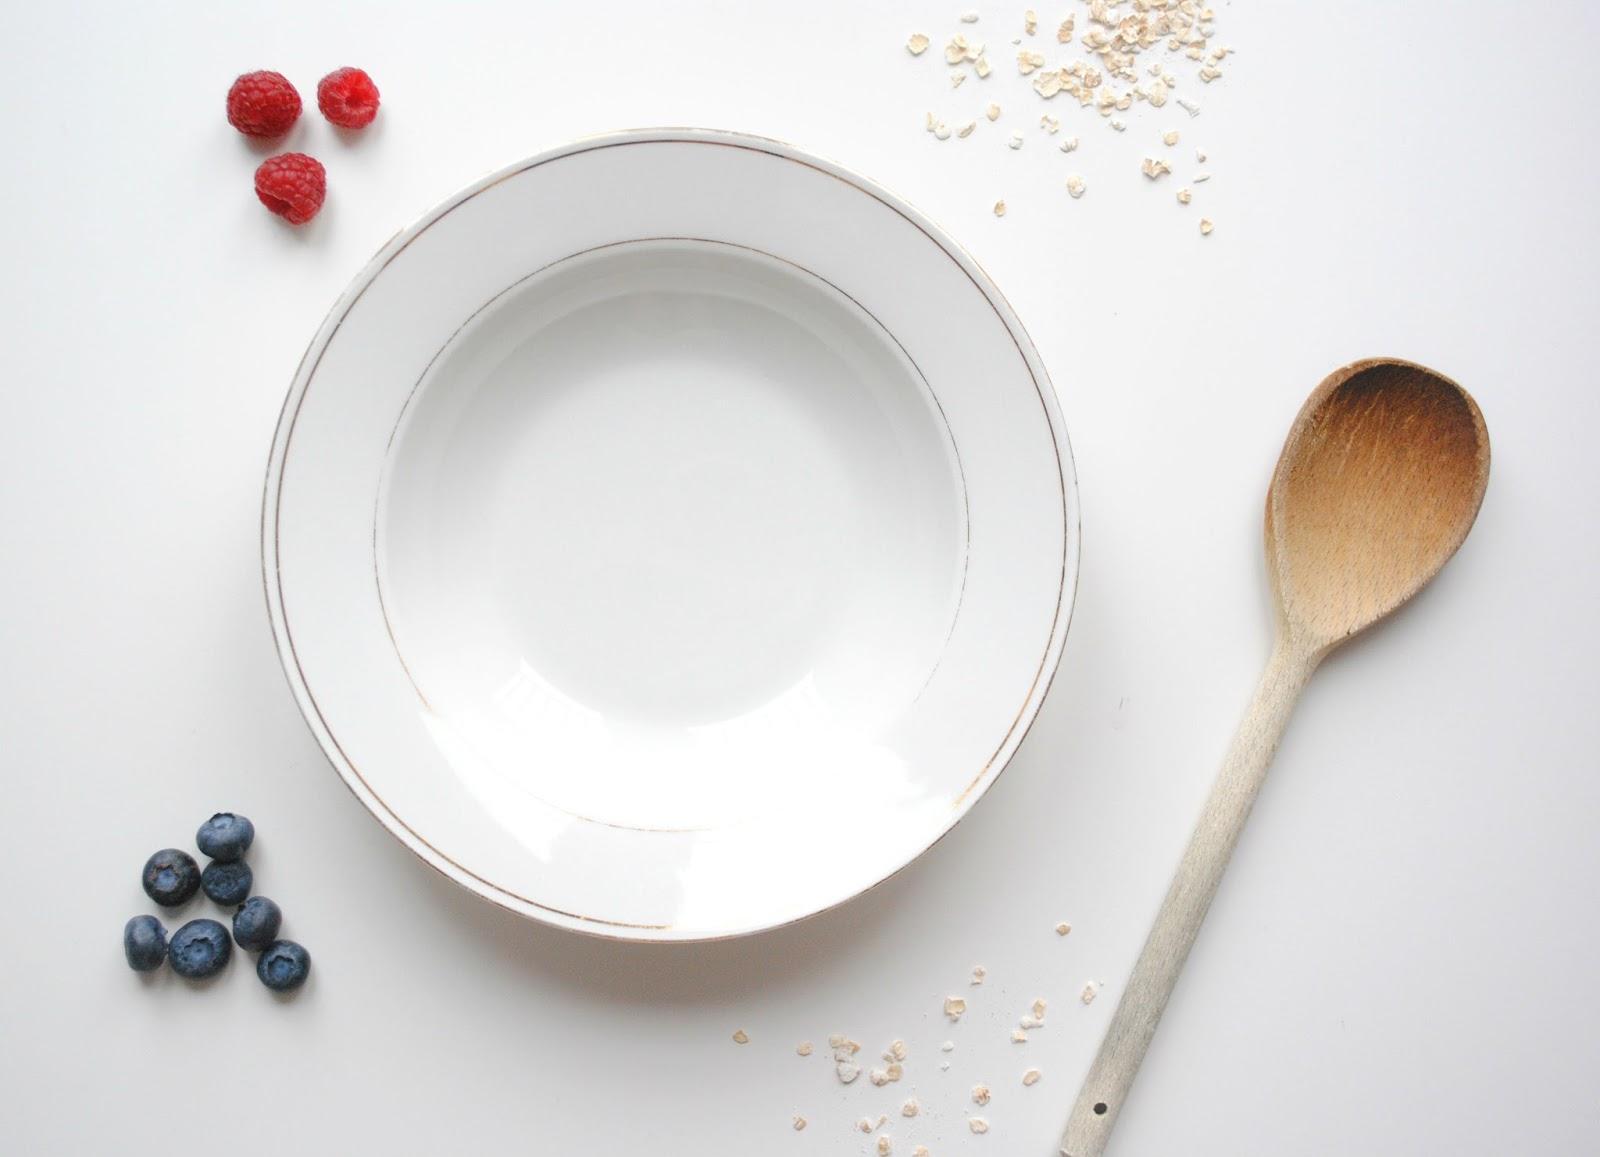 porridge bowl fresh breakfast healthy raspberries blueberries wooden spoon food preparation fruit